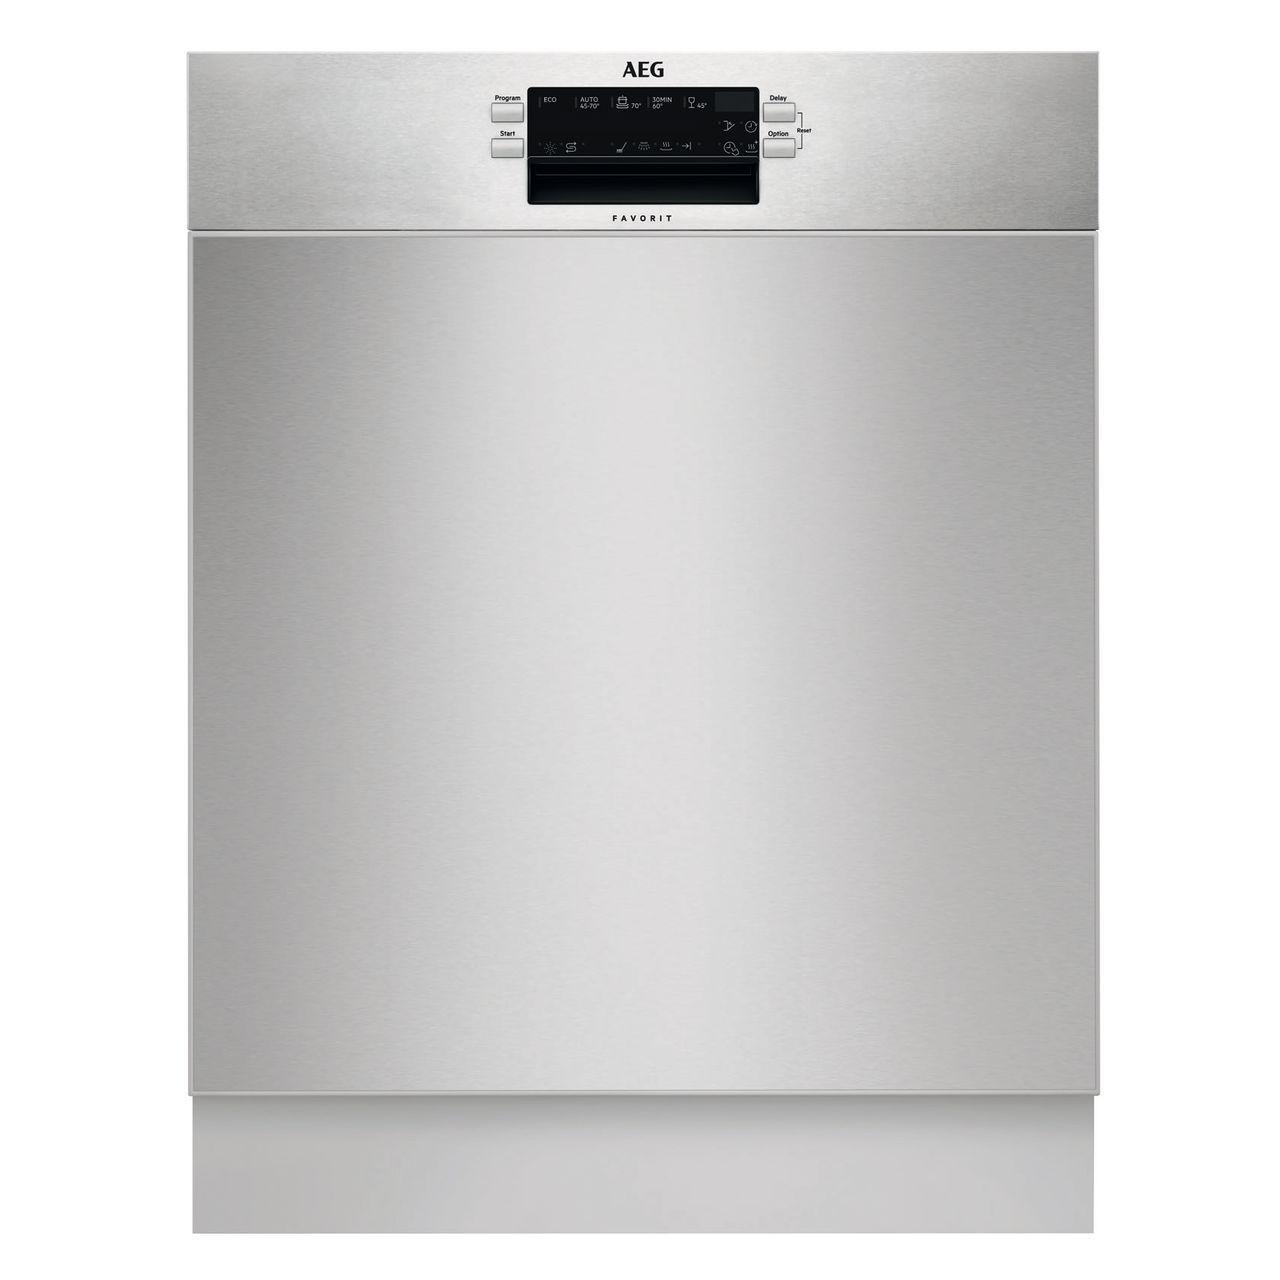 Aeg Kühlschrank Santo öko : Aeg liliput preisvergleich u2022 die besten angebote online kaufen